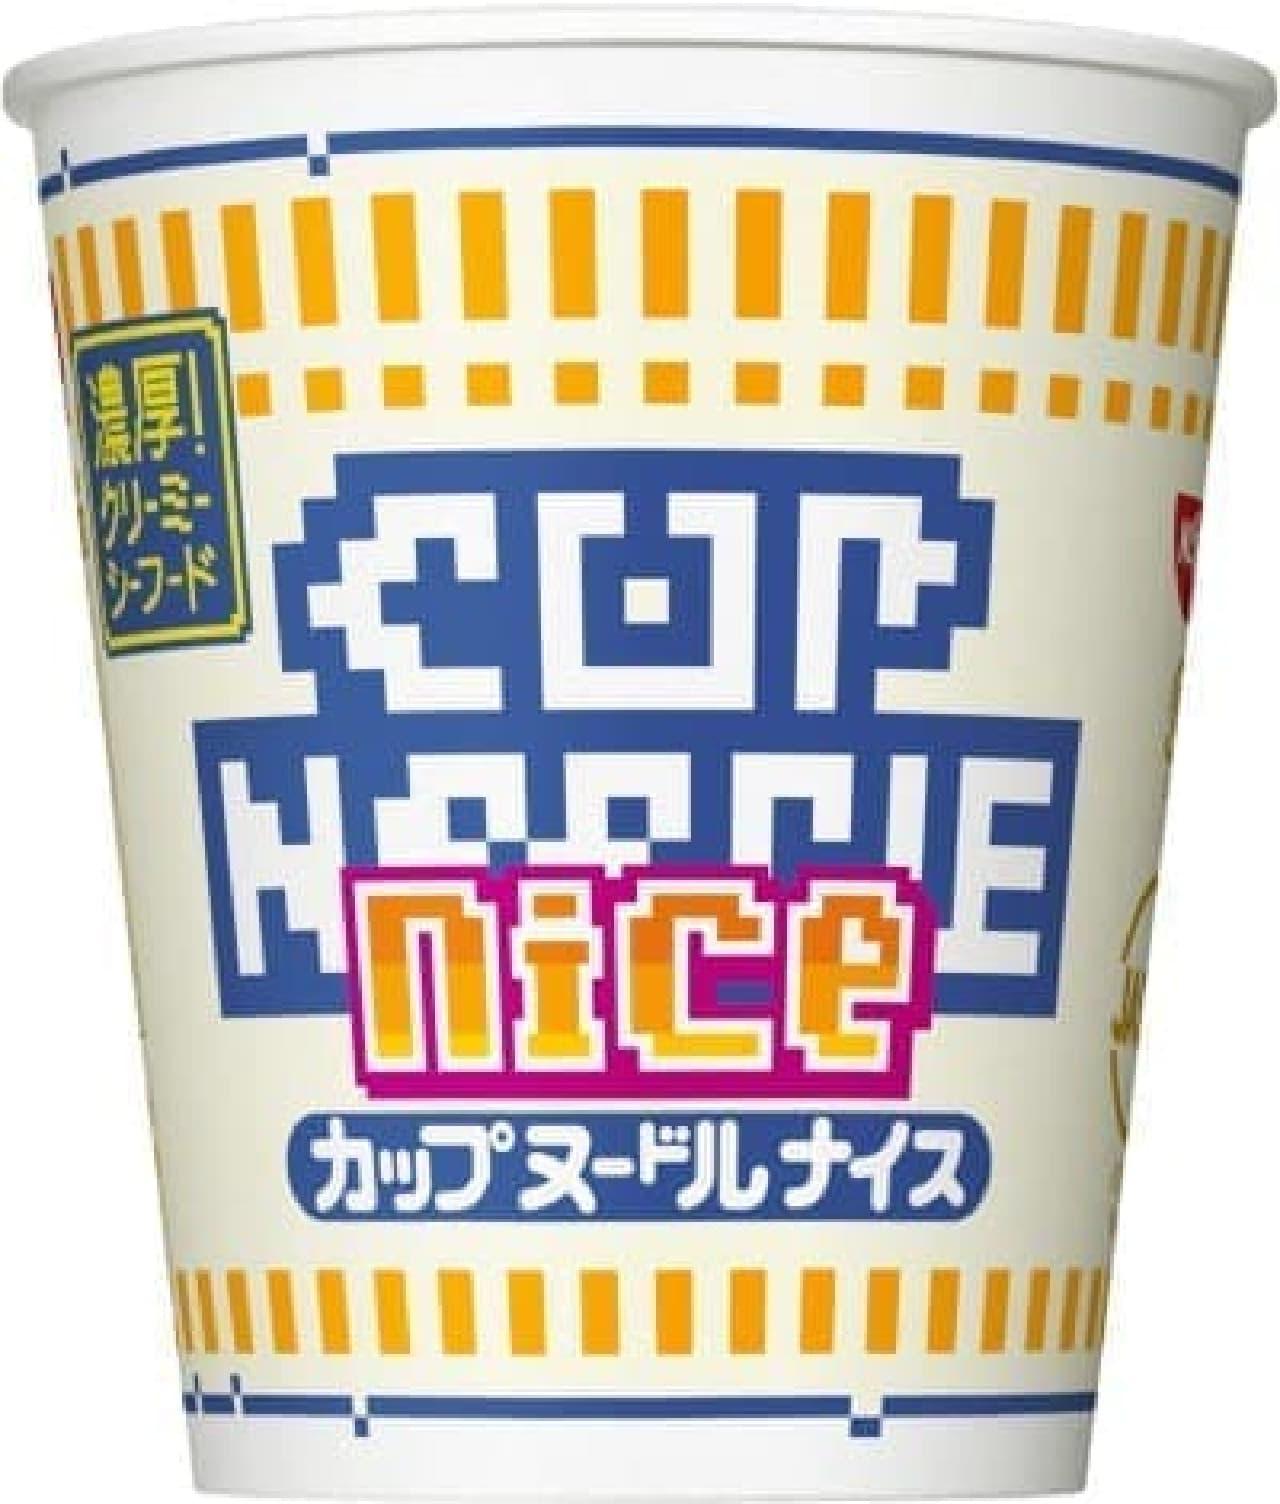 日清食品「カップヌードル ナイス 濃厚!クリーミーシーフード」